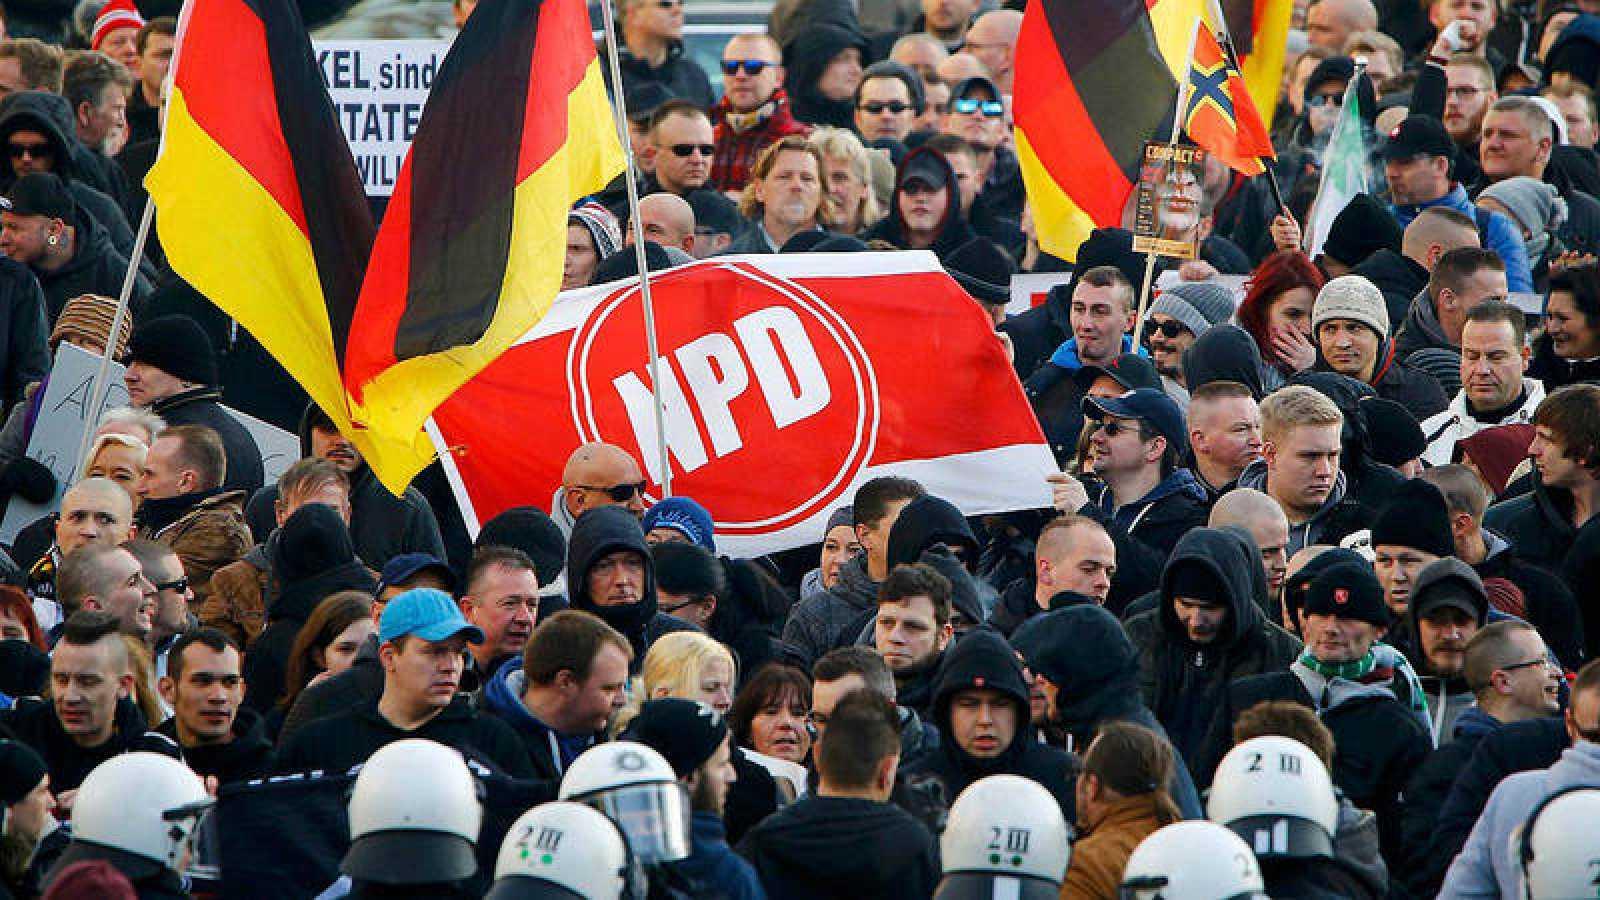 Foto de archivo: partidarios del partido anti-inmigración PEGIDA sostienen una pancarta con el logotipo del partido neonazi NPD en una manifestación en Colonia